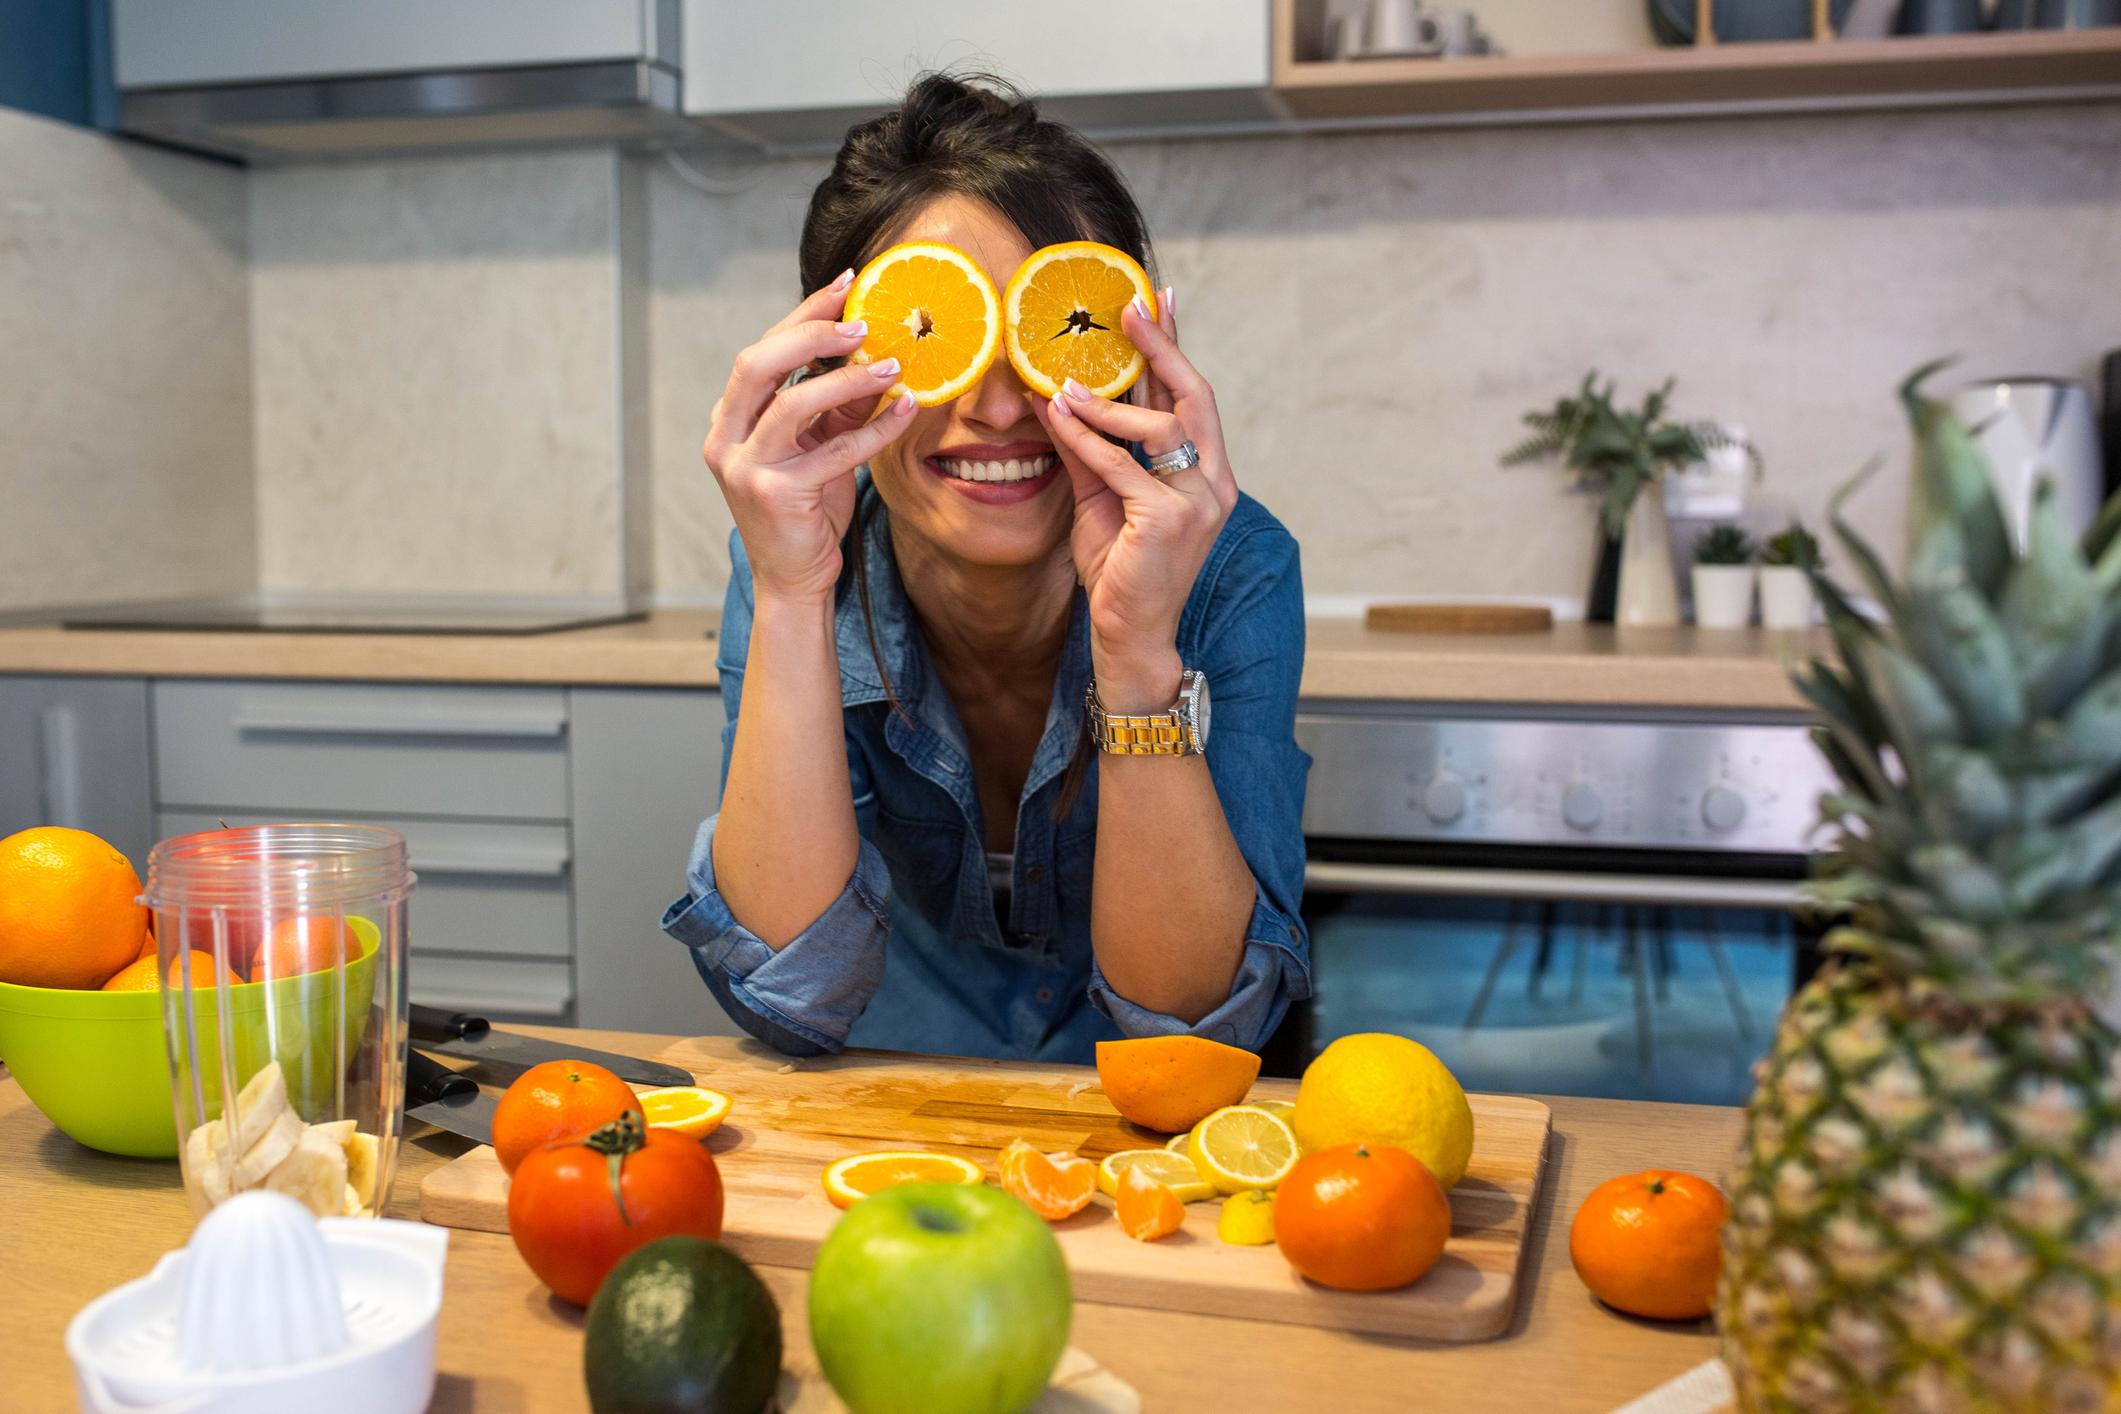 Alimentação e felicidade: você já pensou na sua relação com a comida?